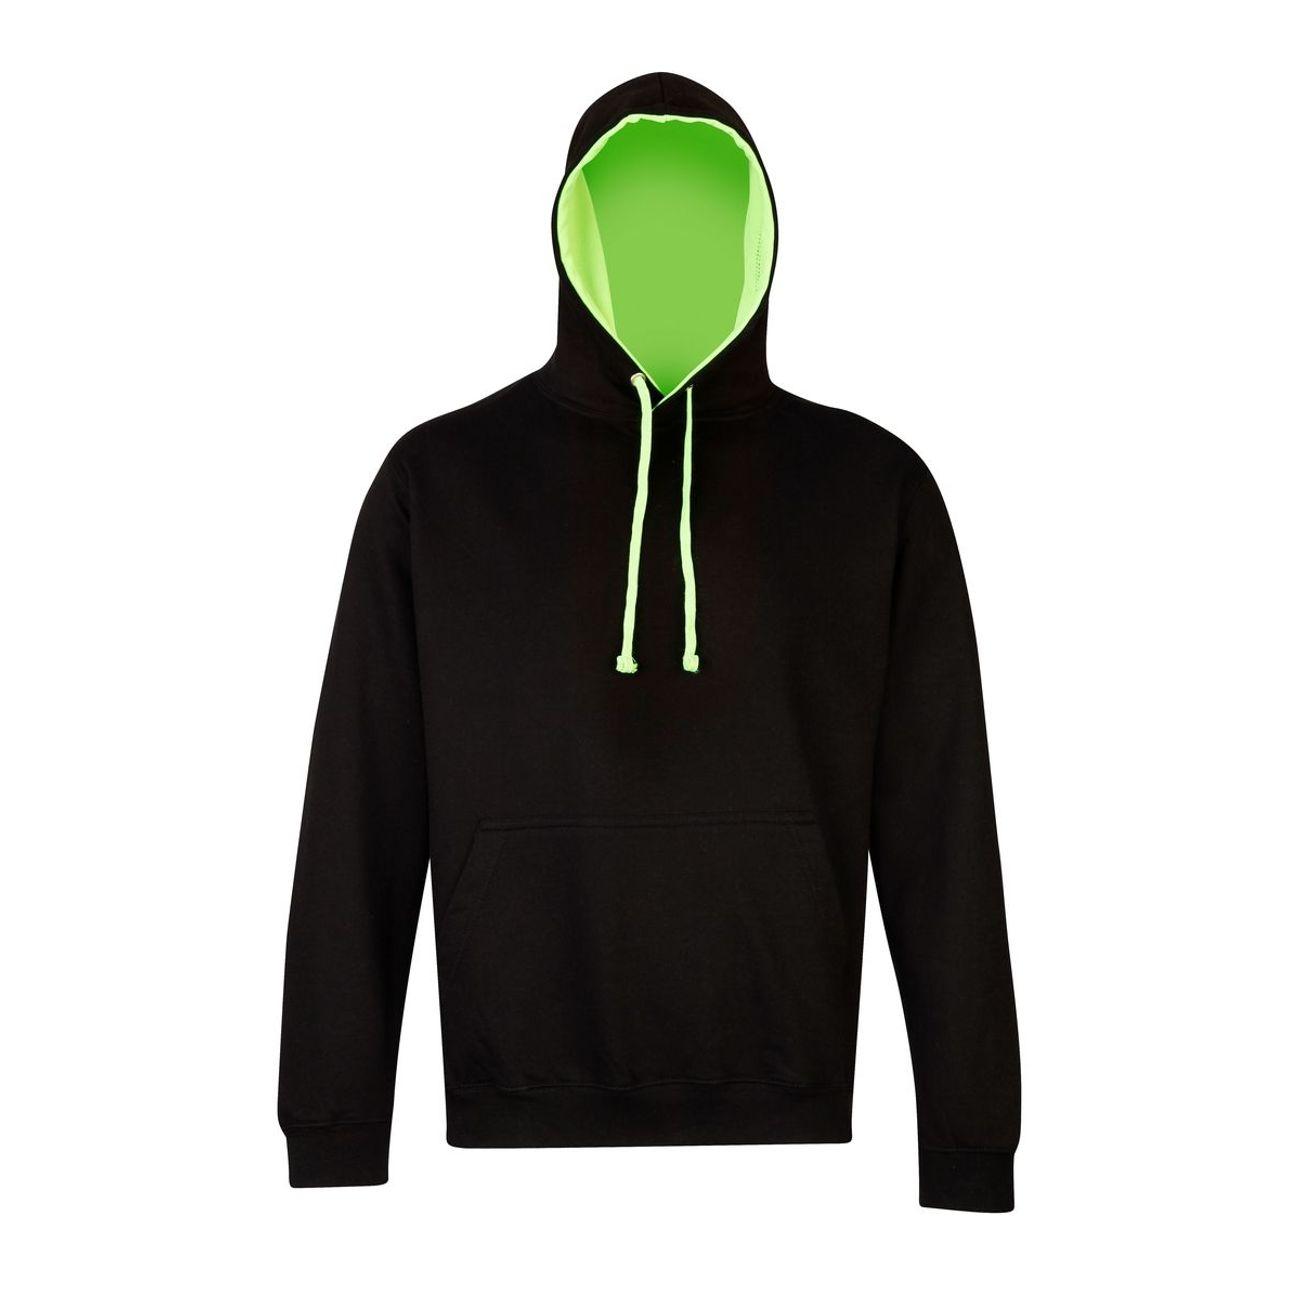 ModeLifestyle Homme Capuche À Sweat Vert Fluo Et Noir Awdis ContrastéeJh013 dBExWQroCe